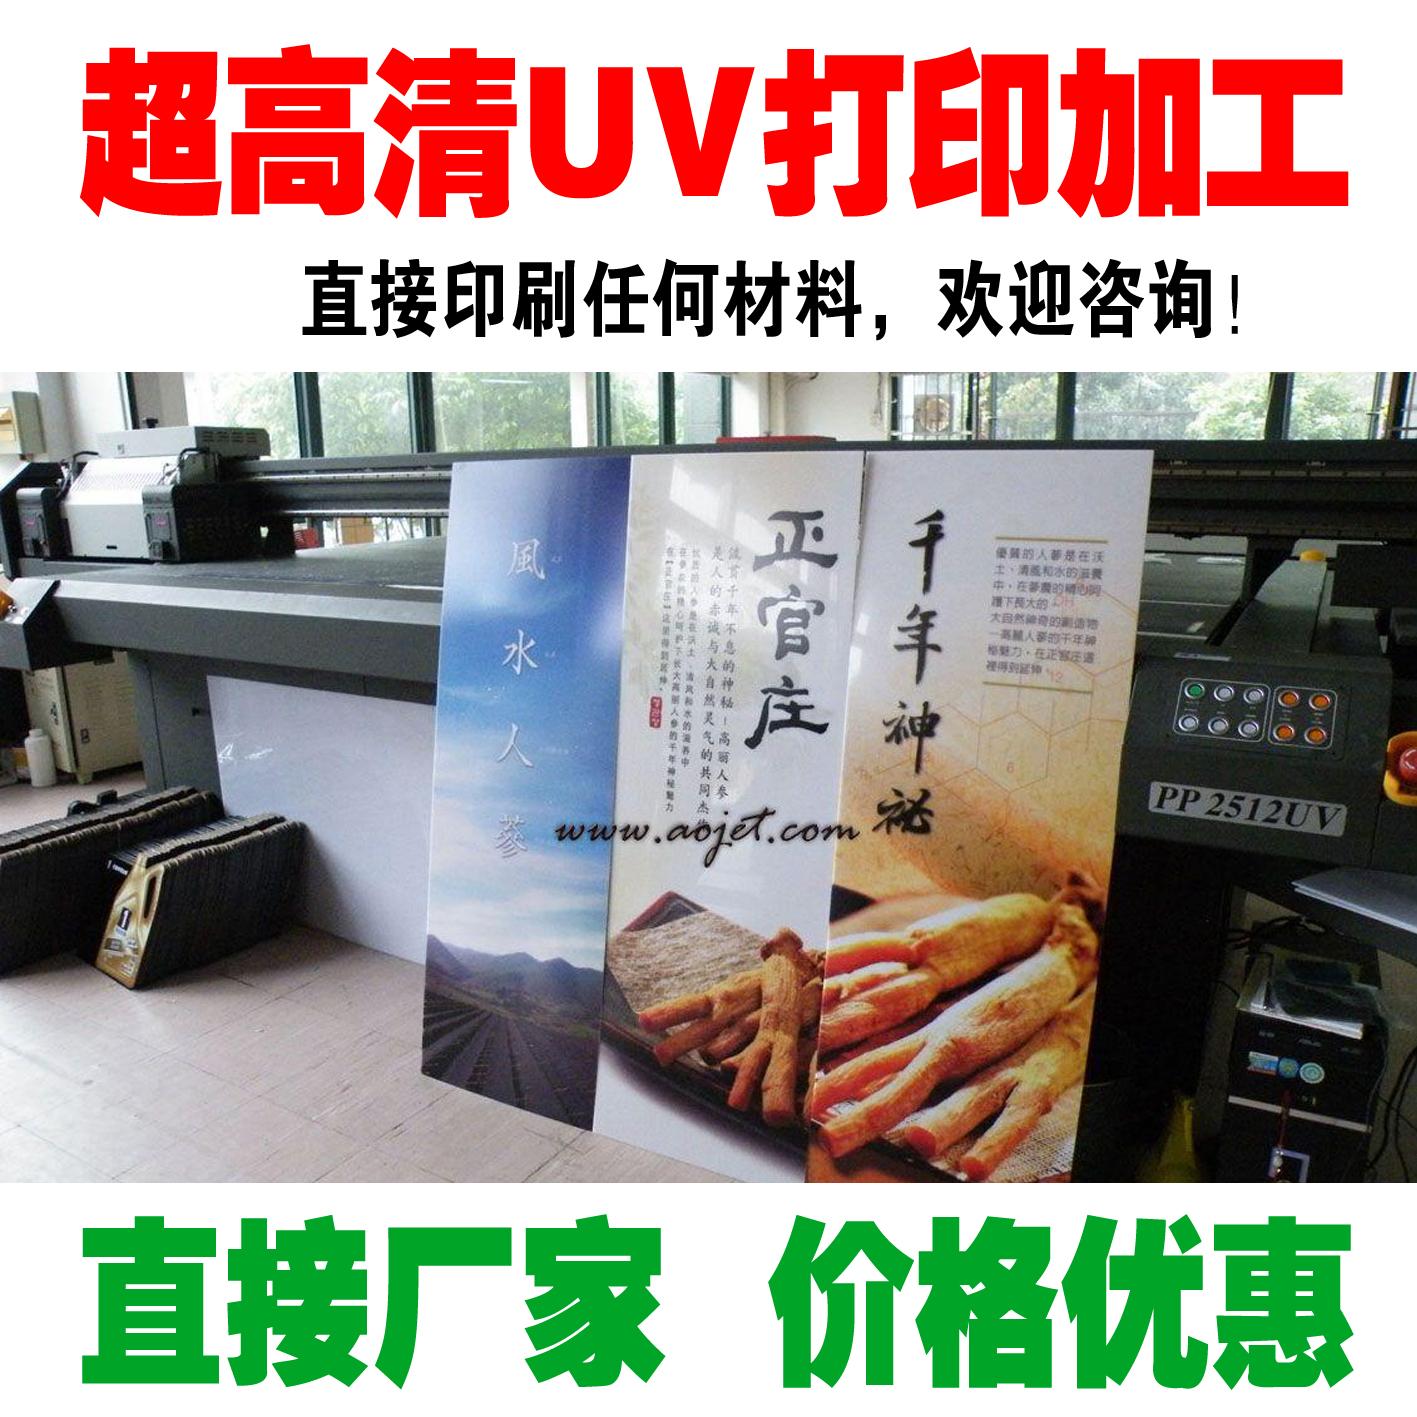 สีอะคริลิ UV UV พิมพ์แผ่นอิงค์เจ็ทพีวีซีพิมพ์ความละเอียดสูงของการพิมพ์ยูวีอินทรีย์เพื่อการประมวลผลของแก้ว